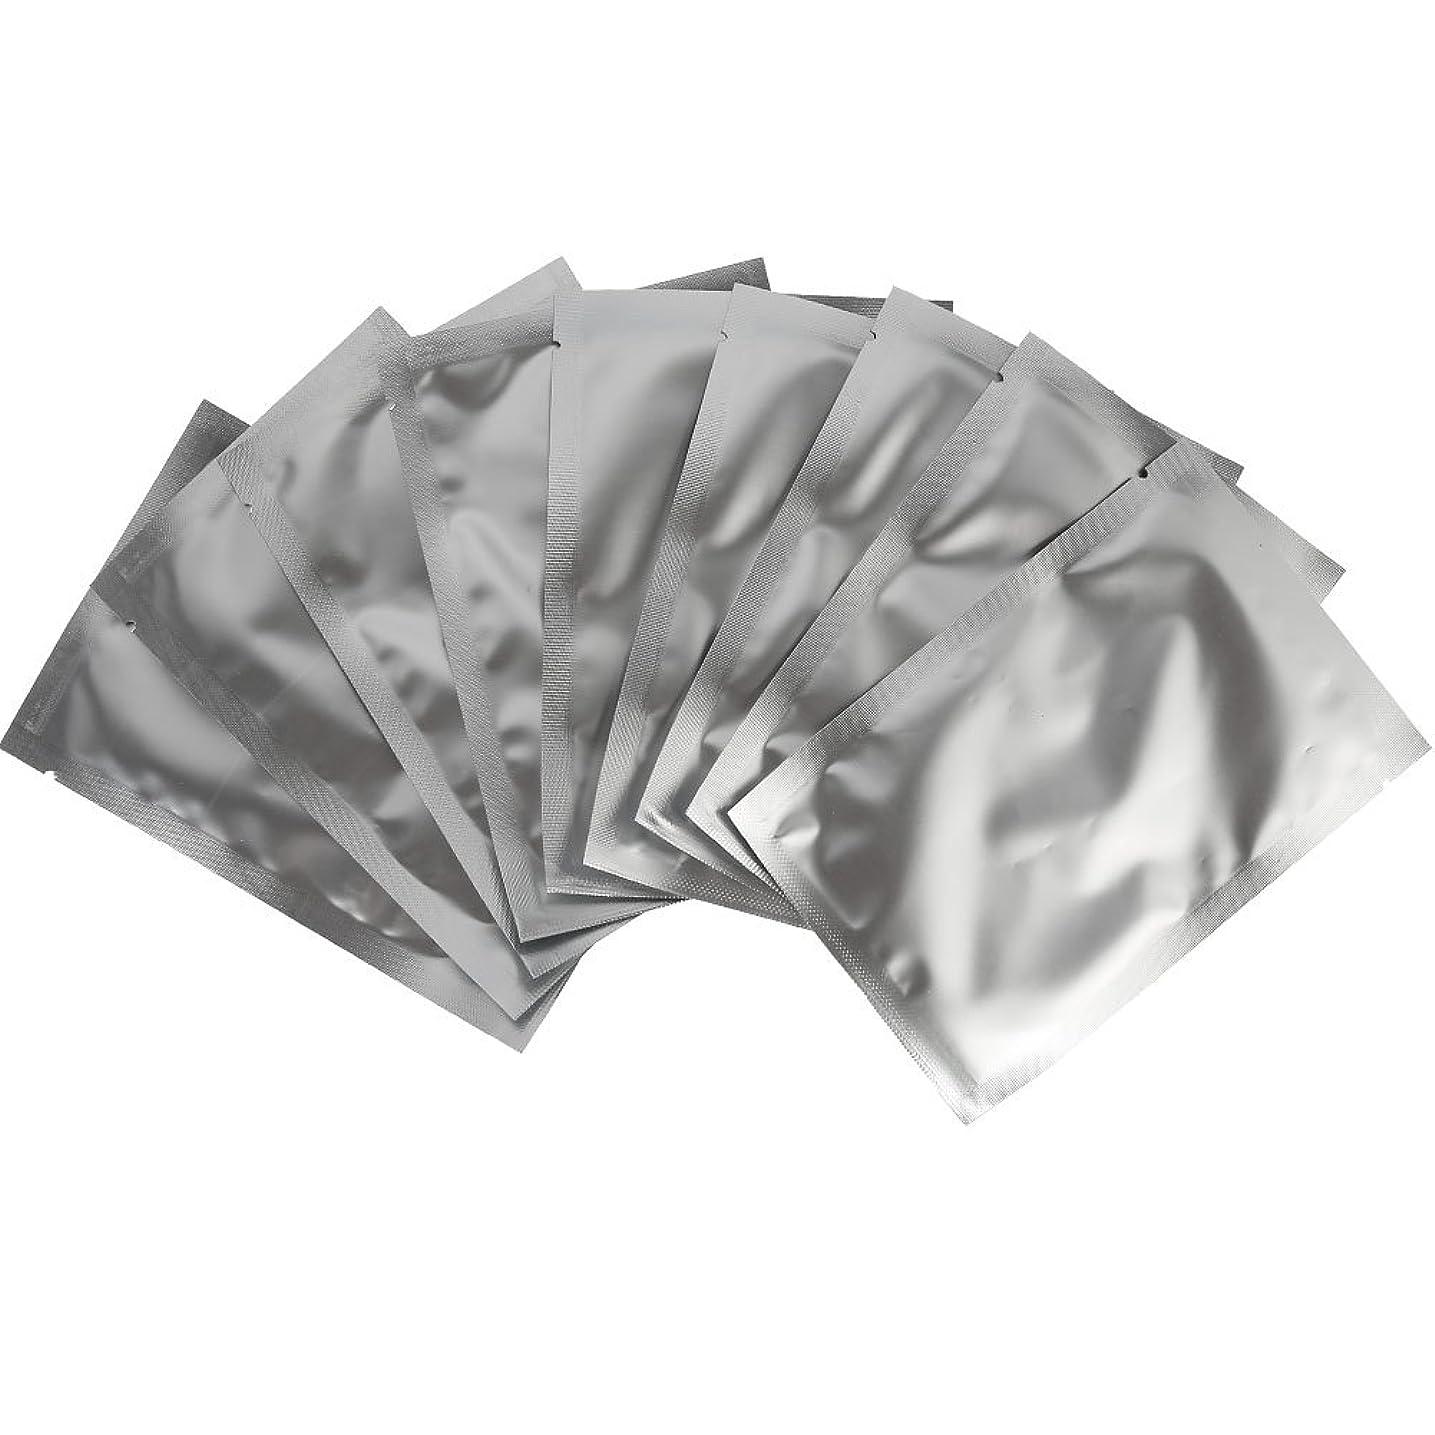 ハグあたたかい説明的10PCSしわパッチ、抗しわ抗フェイスマスクパッチライン保湿肌修理粘着パッド